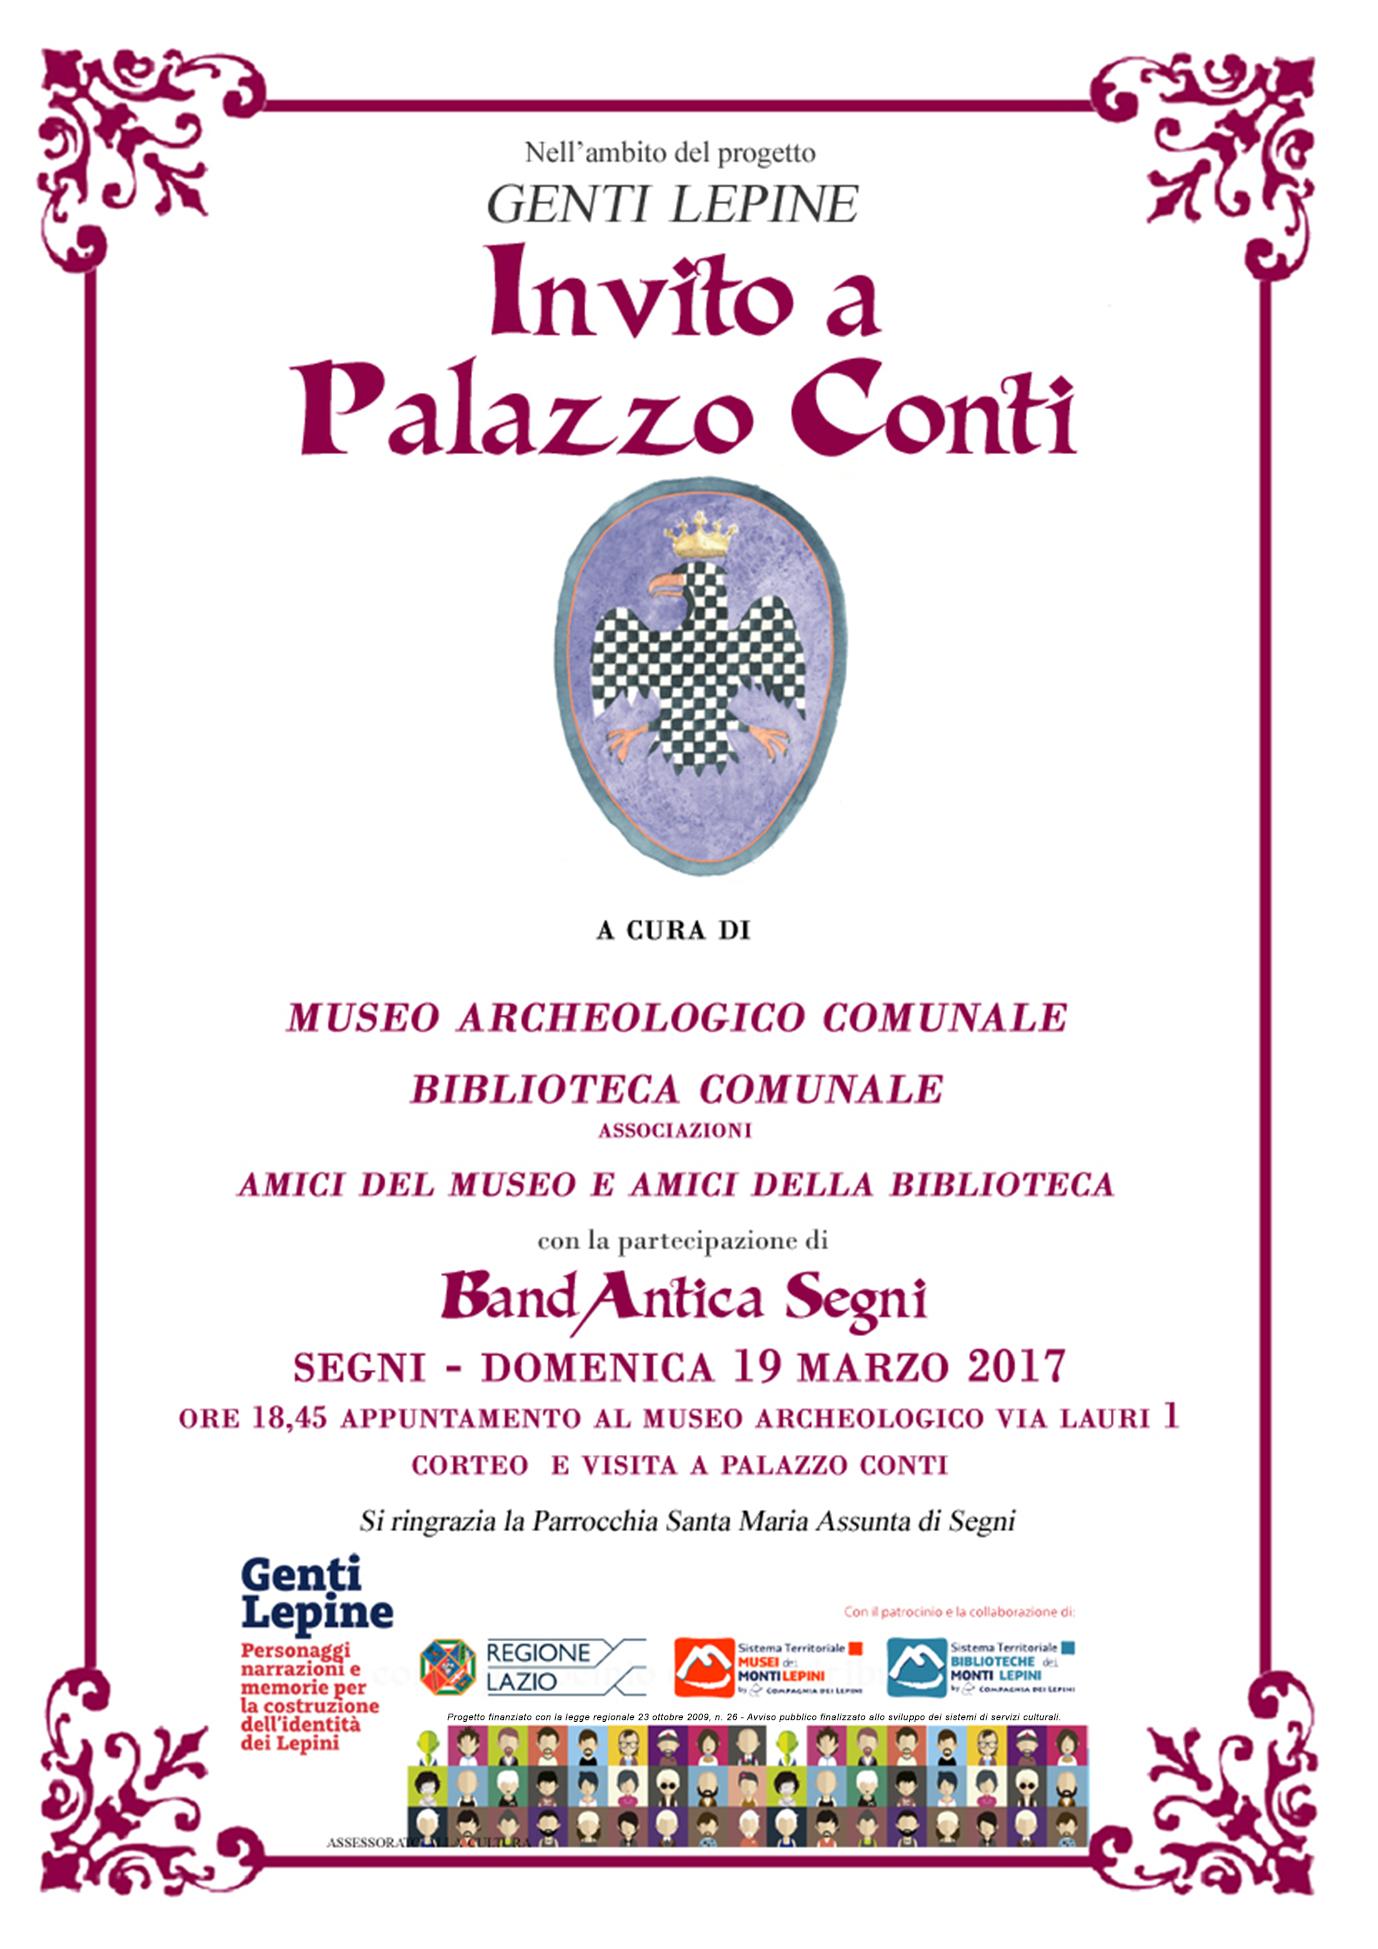 19-03-17-invito-a-palazzo-conti-segni